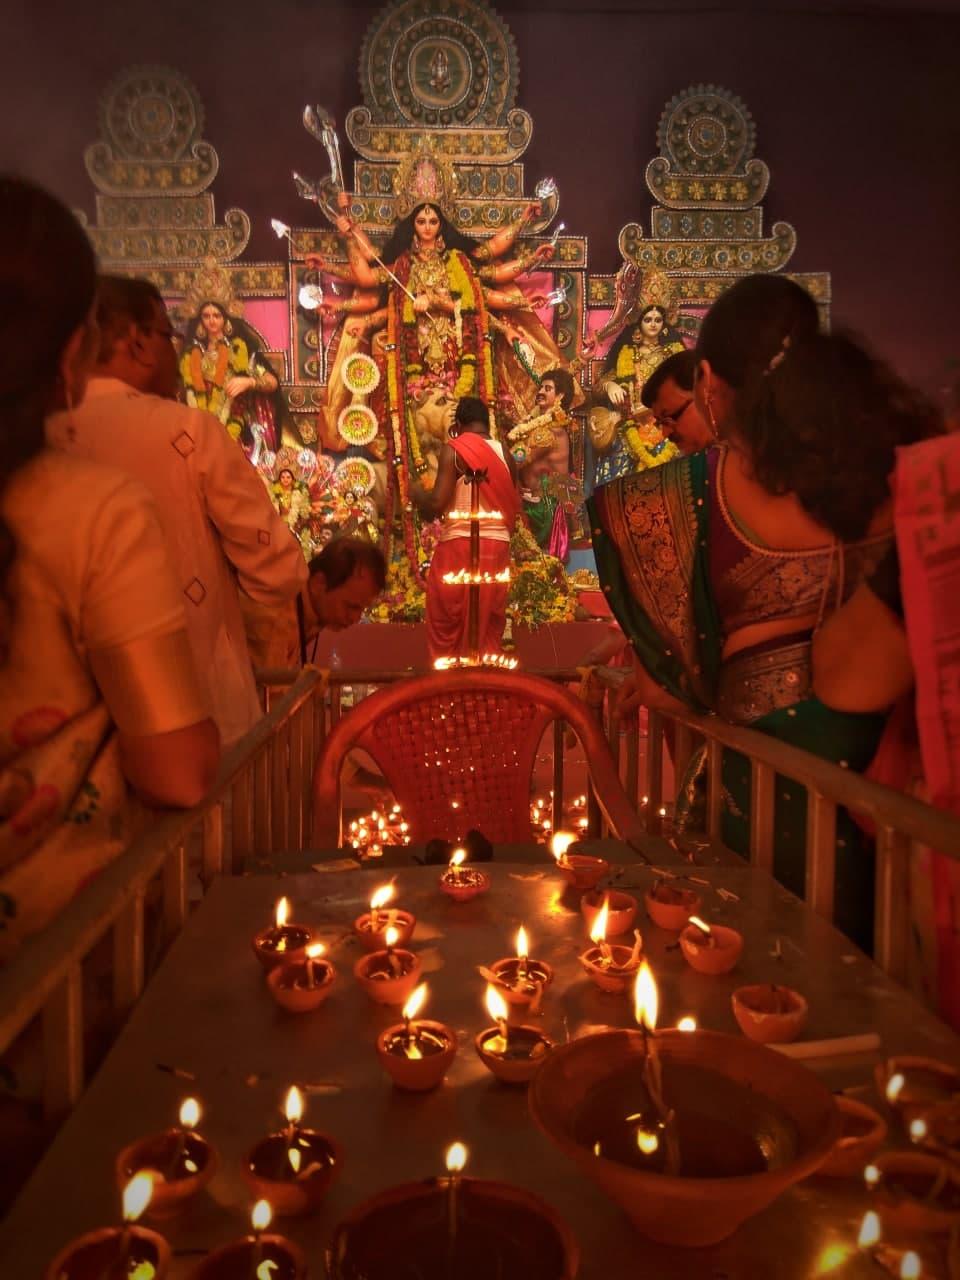 India national holidays 2021 Diwali